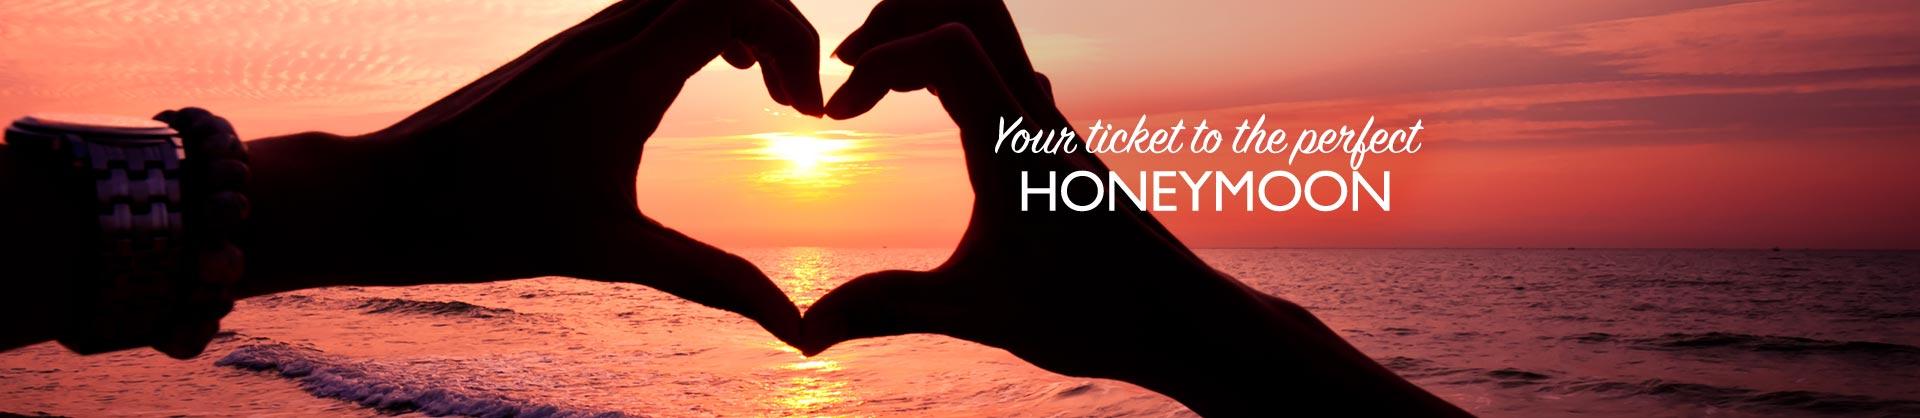 Honeymoon deals